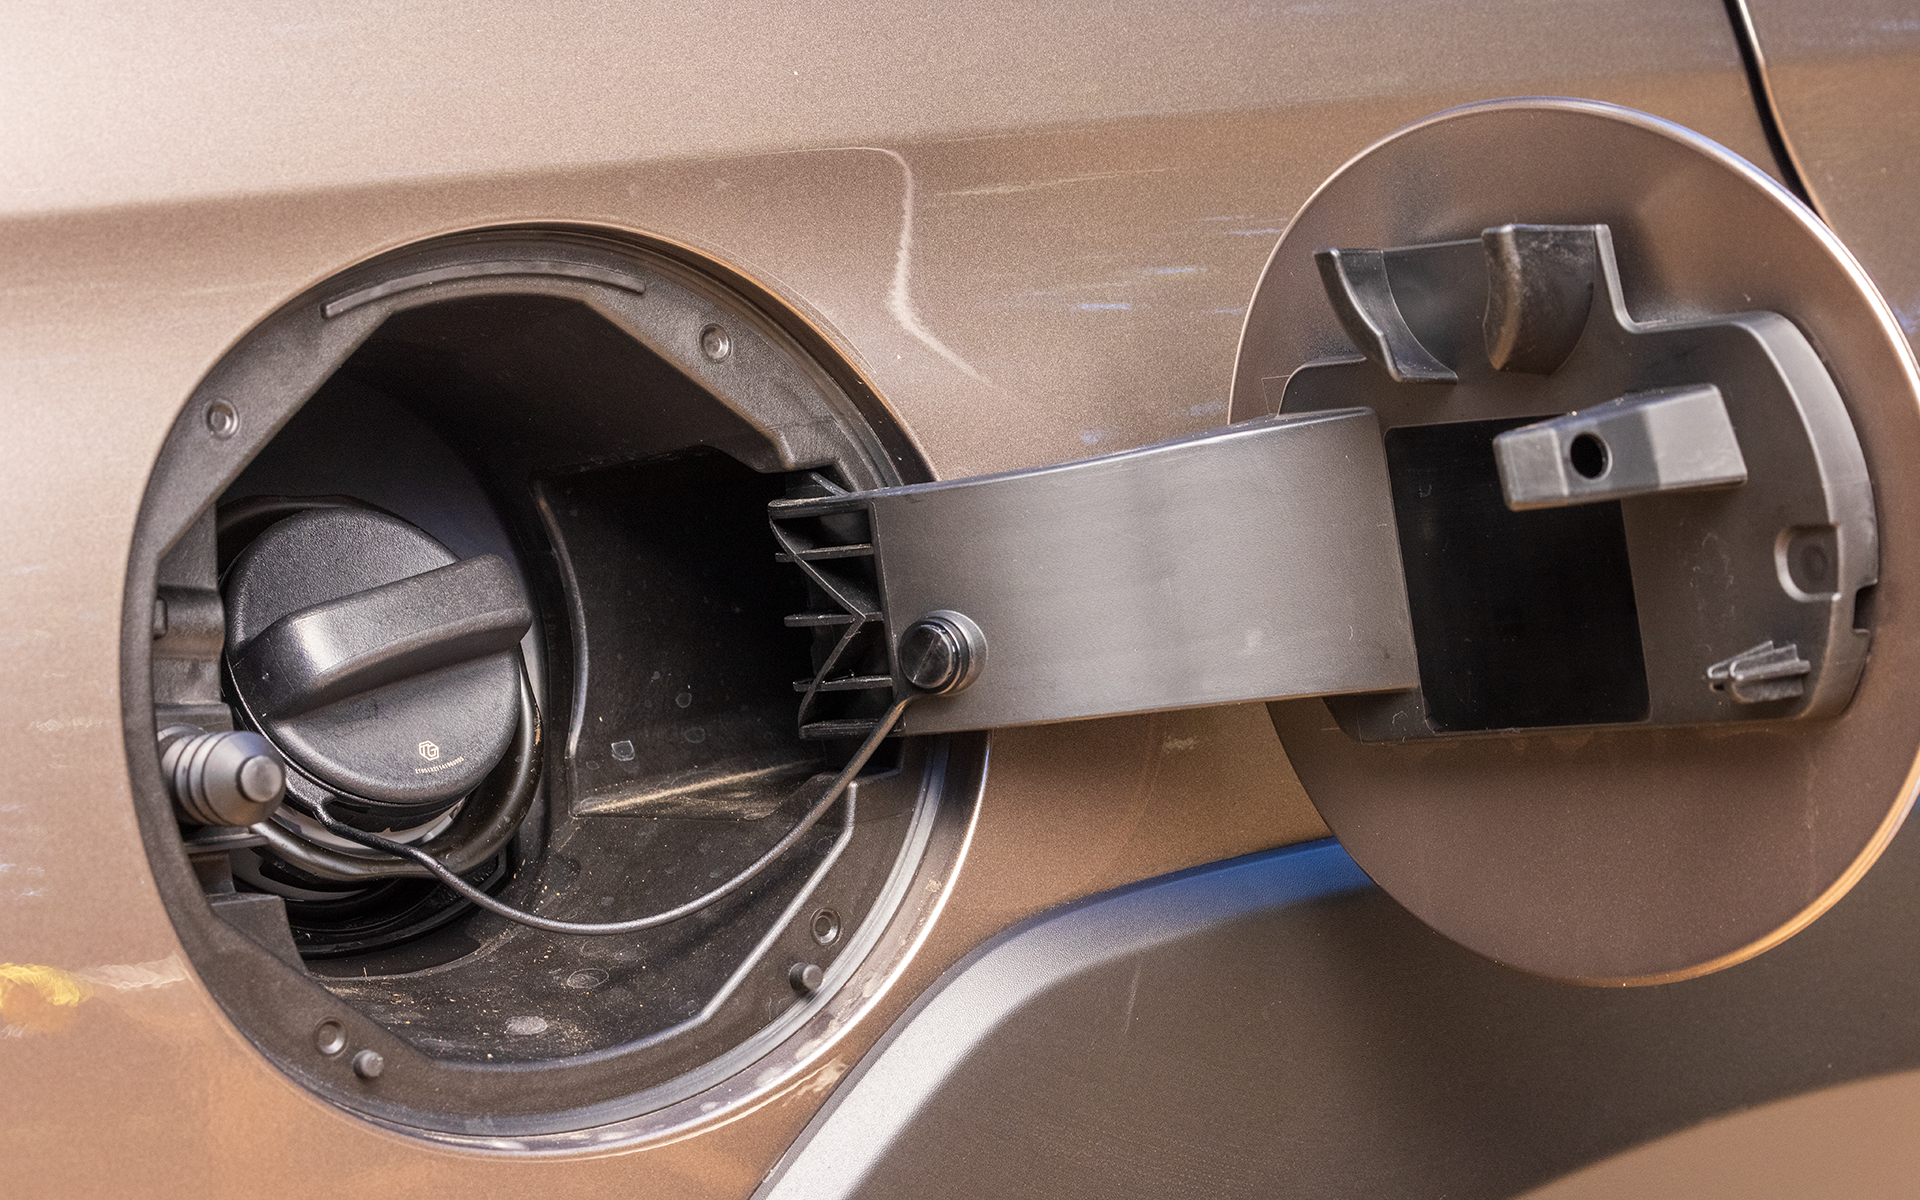 使用燃料は無鉛レギュラーガソリン。タンク容量は63L